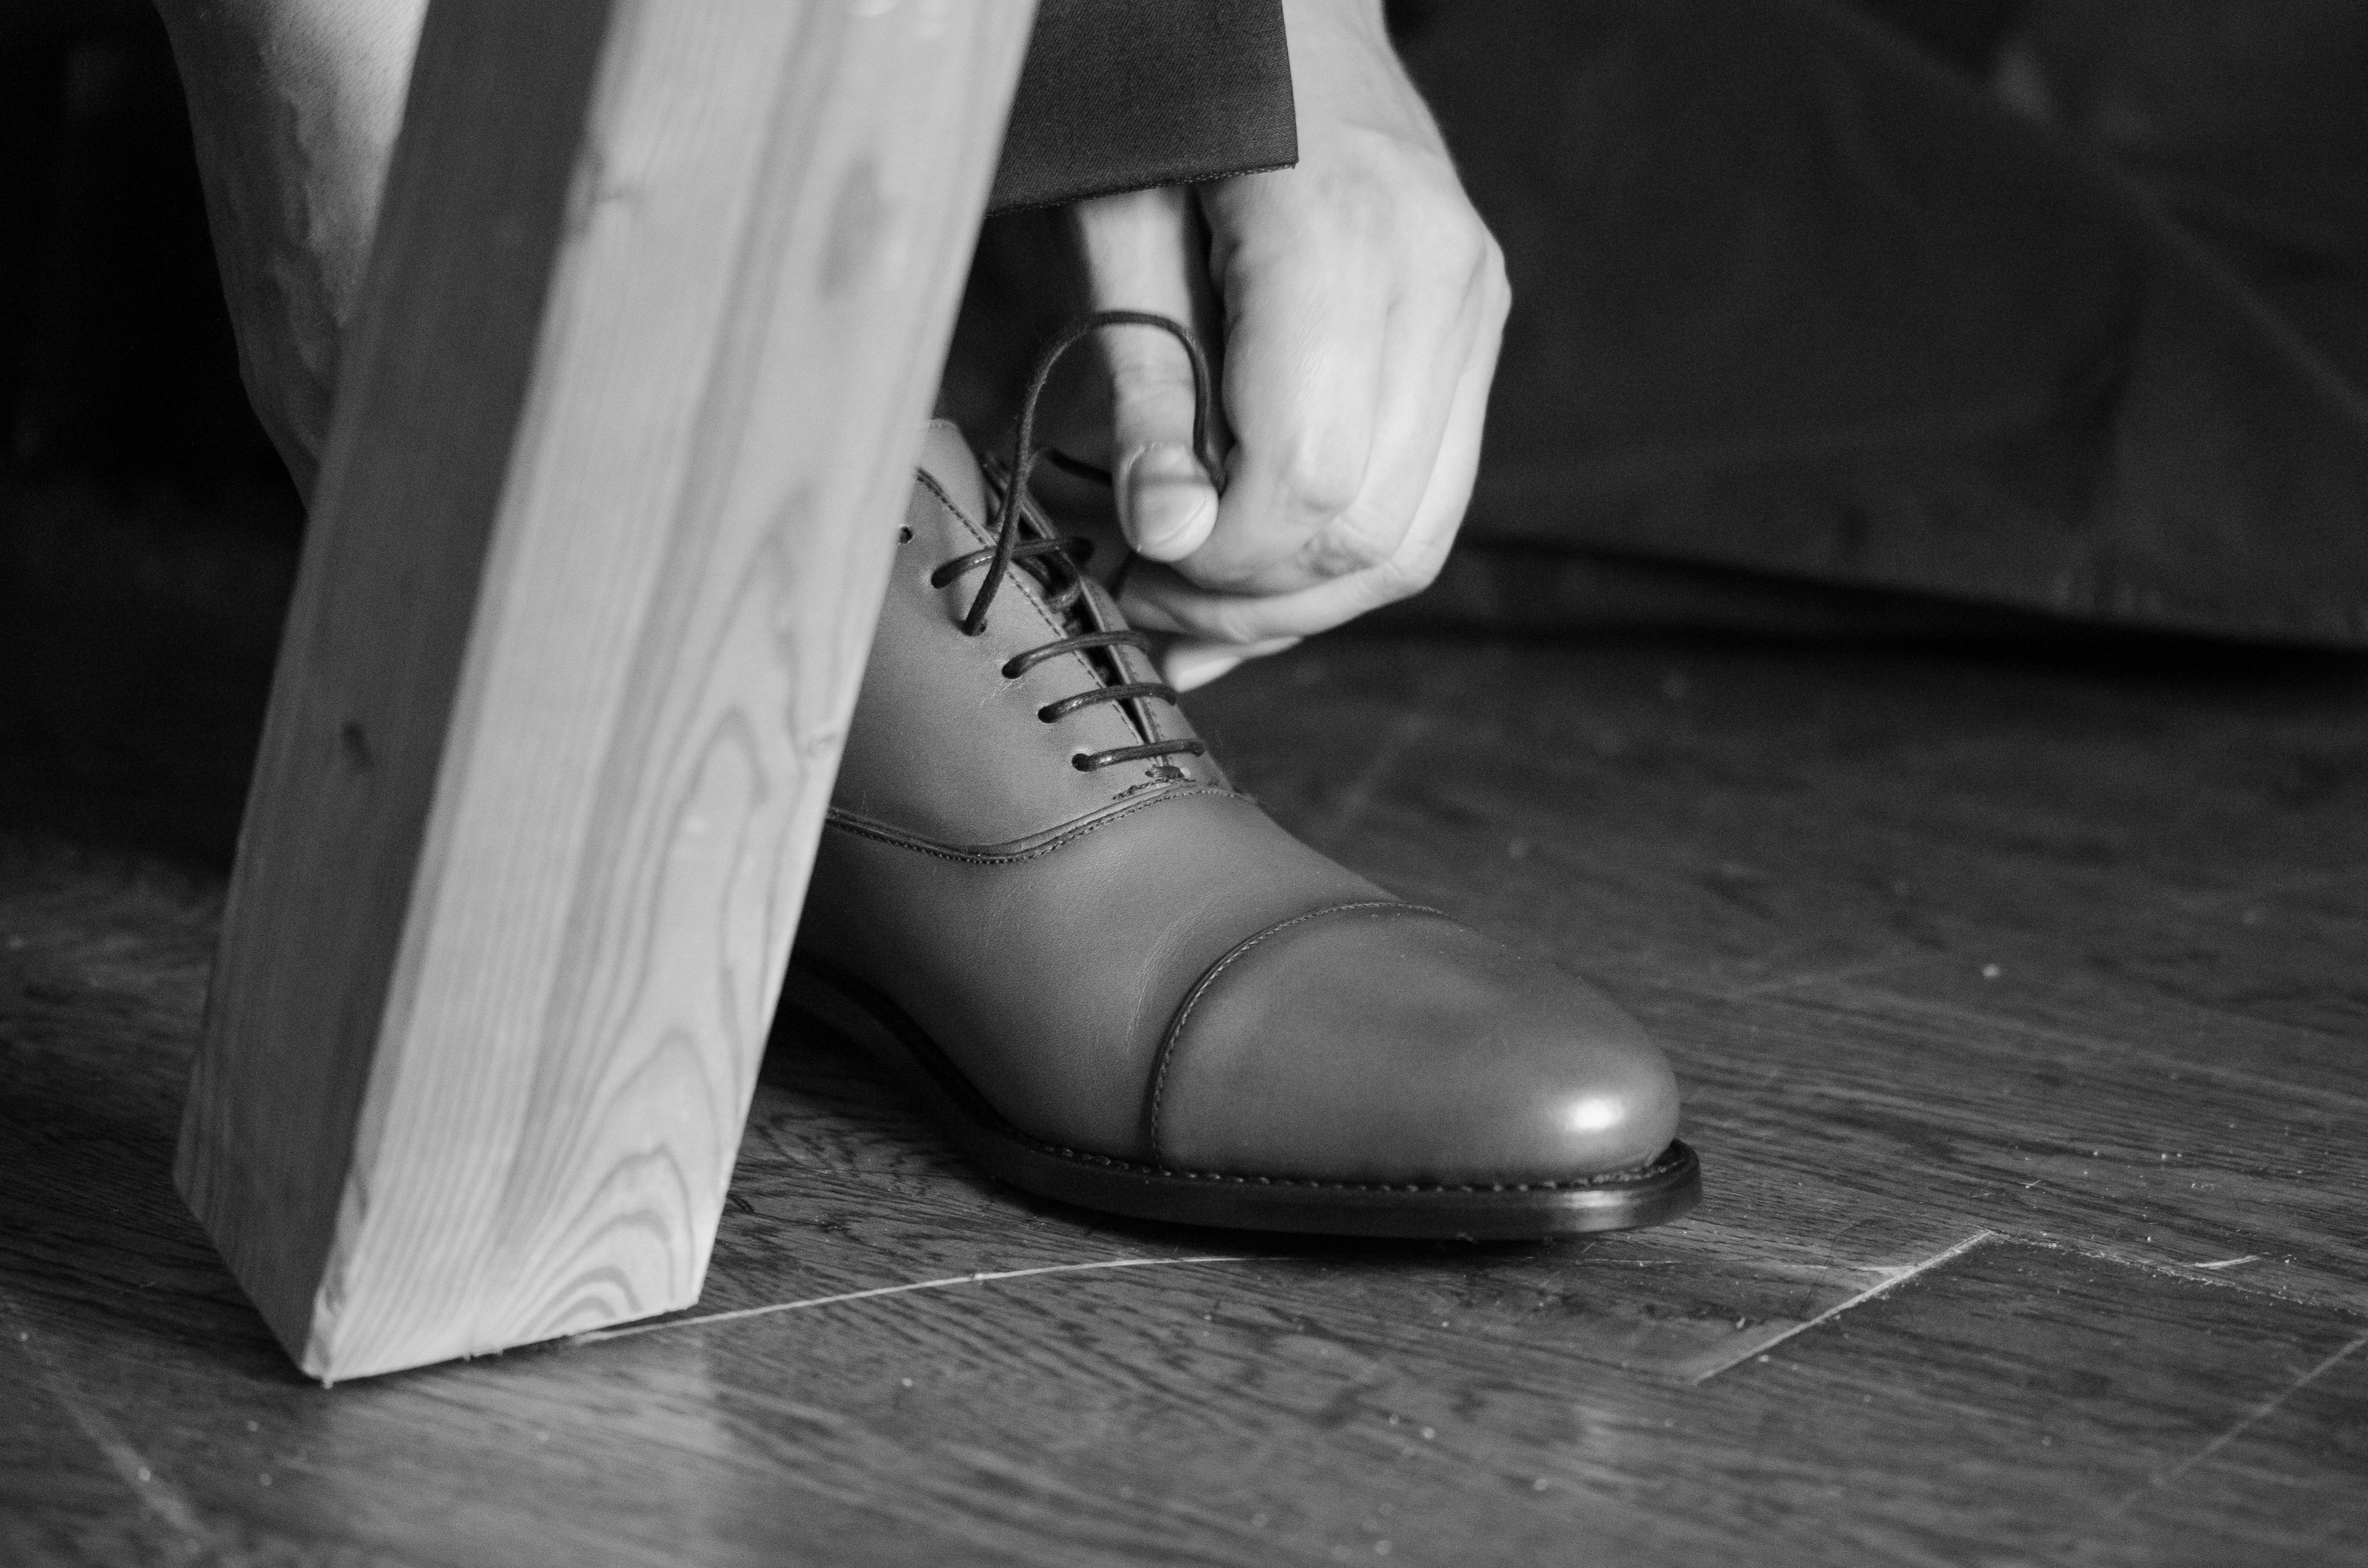 100% genuino vendita calda a buon mercato prese di fabbrica Immagini Belle : uomo, scarpa, bianco e nero, bianca, gamba ...